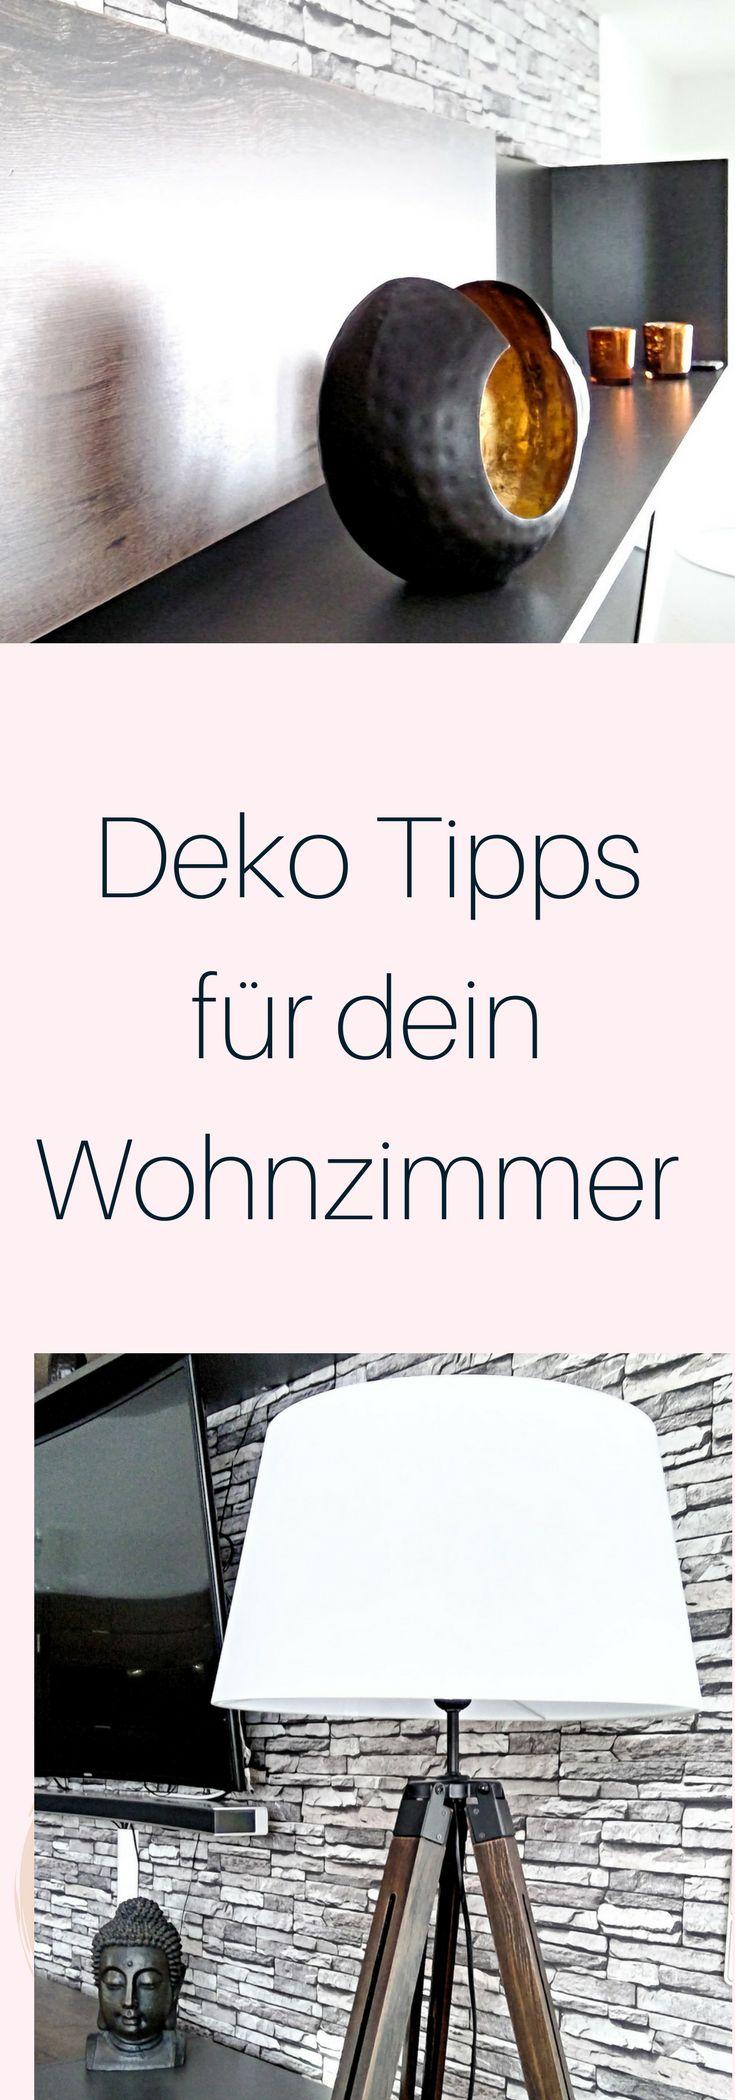 Deko Tipps Für Dein Wohnzimmer Und Wie Du Es Kindgerecht Einrichten Kannst!  #eltern #